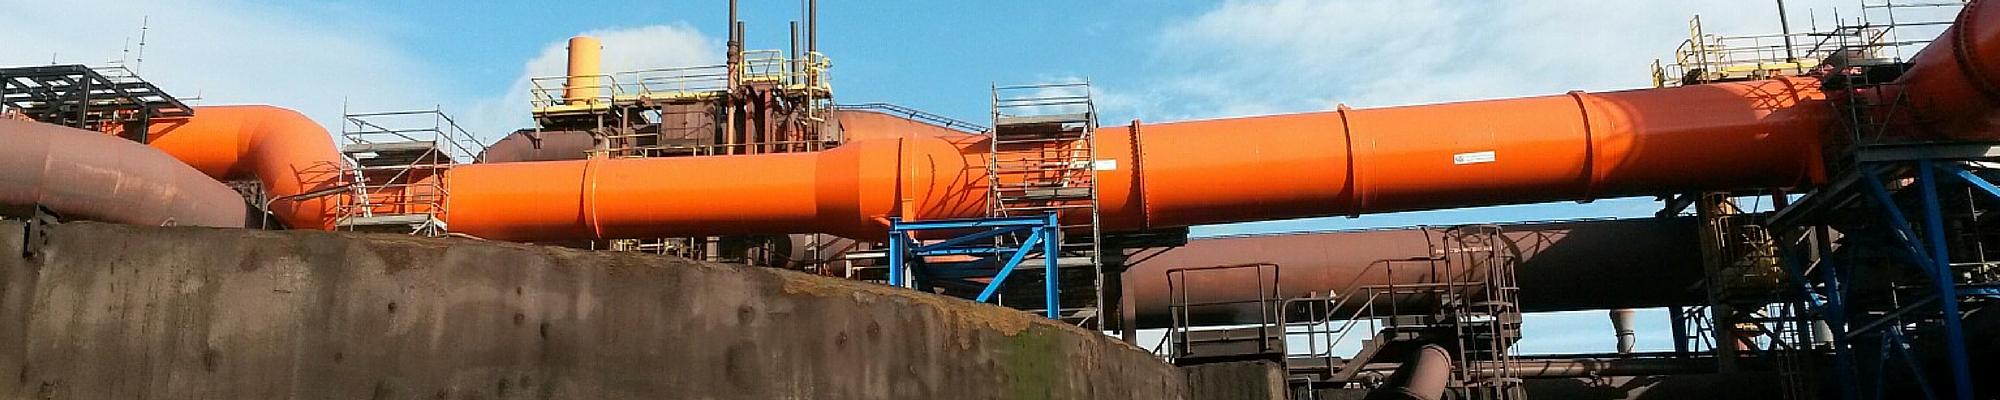 Hochofengasleitung